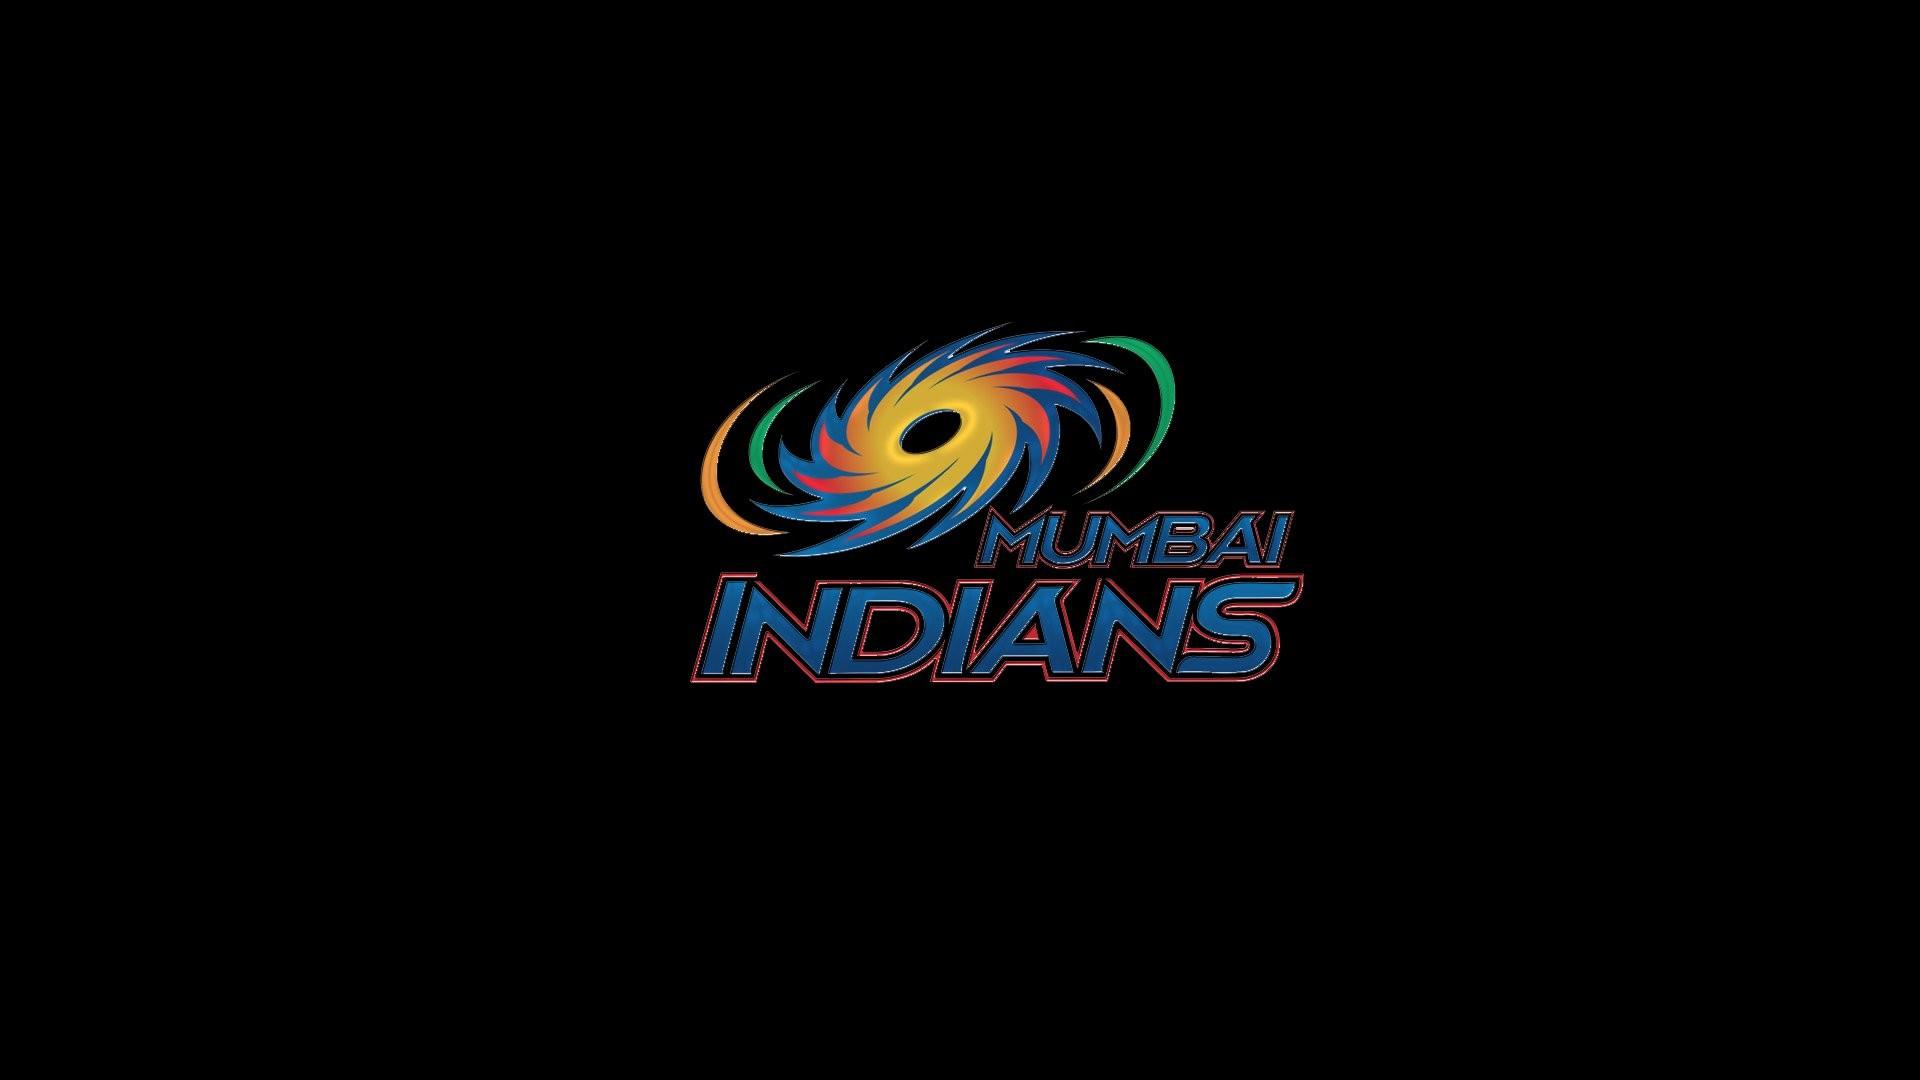 Mumbai Indians HD